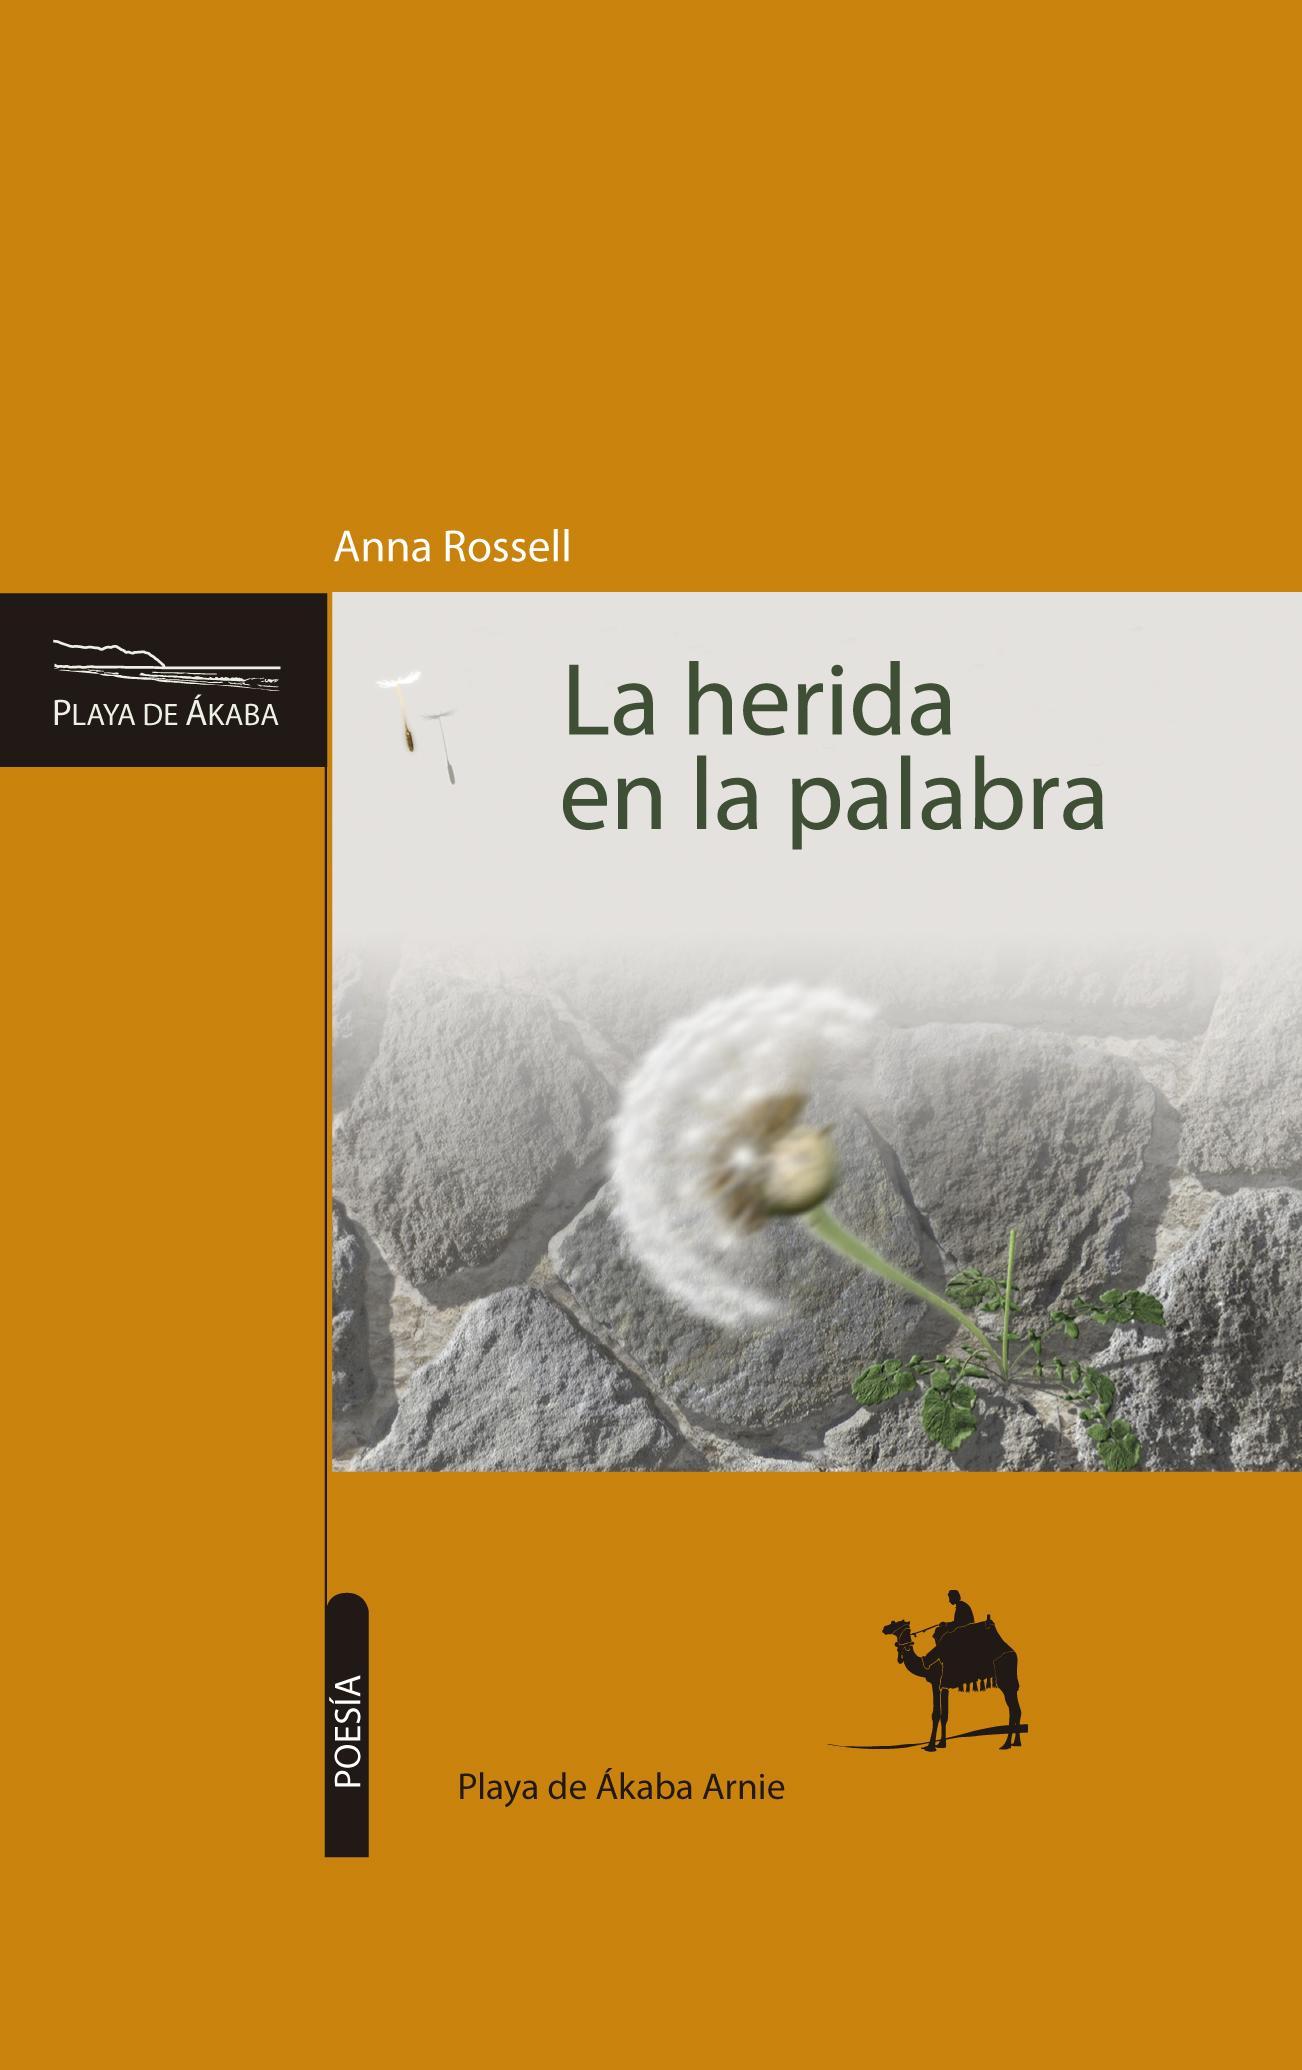 """Portada de """"La herida en la palabra"""", trad. Anna Rossell"""